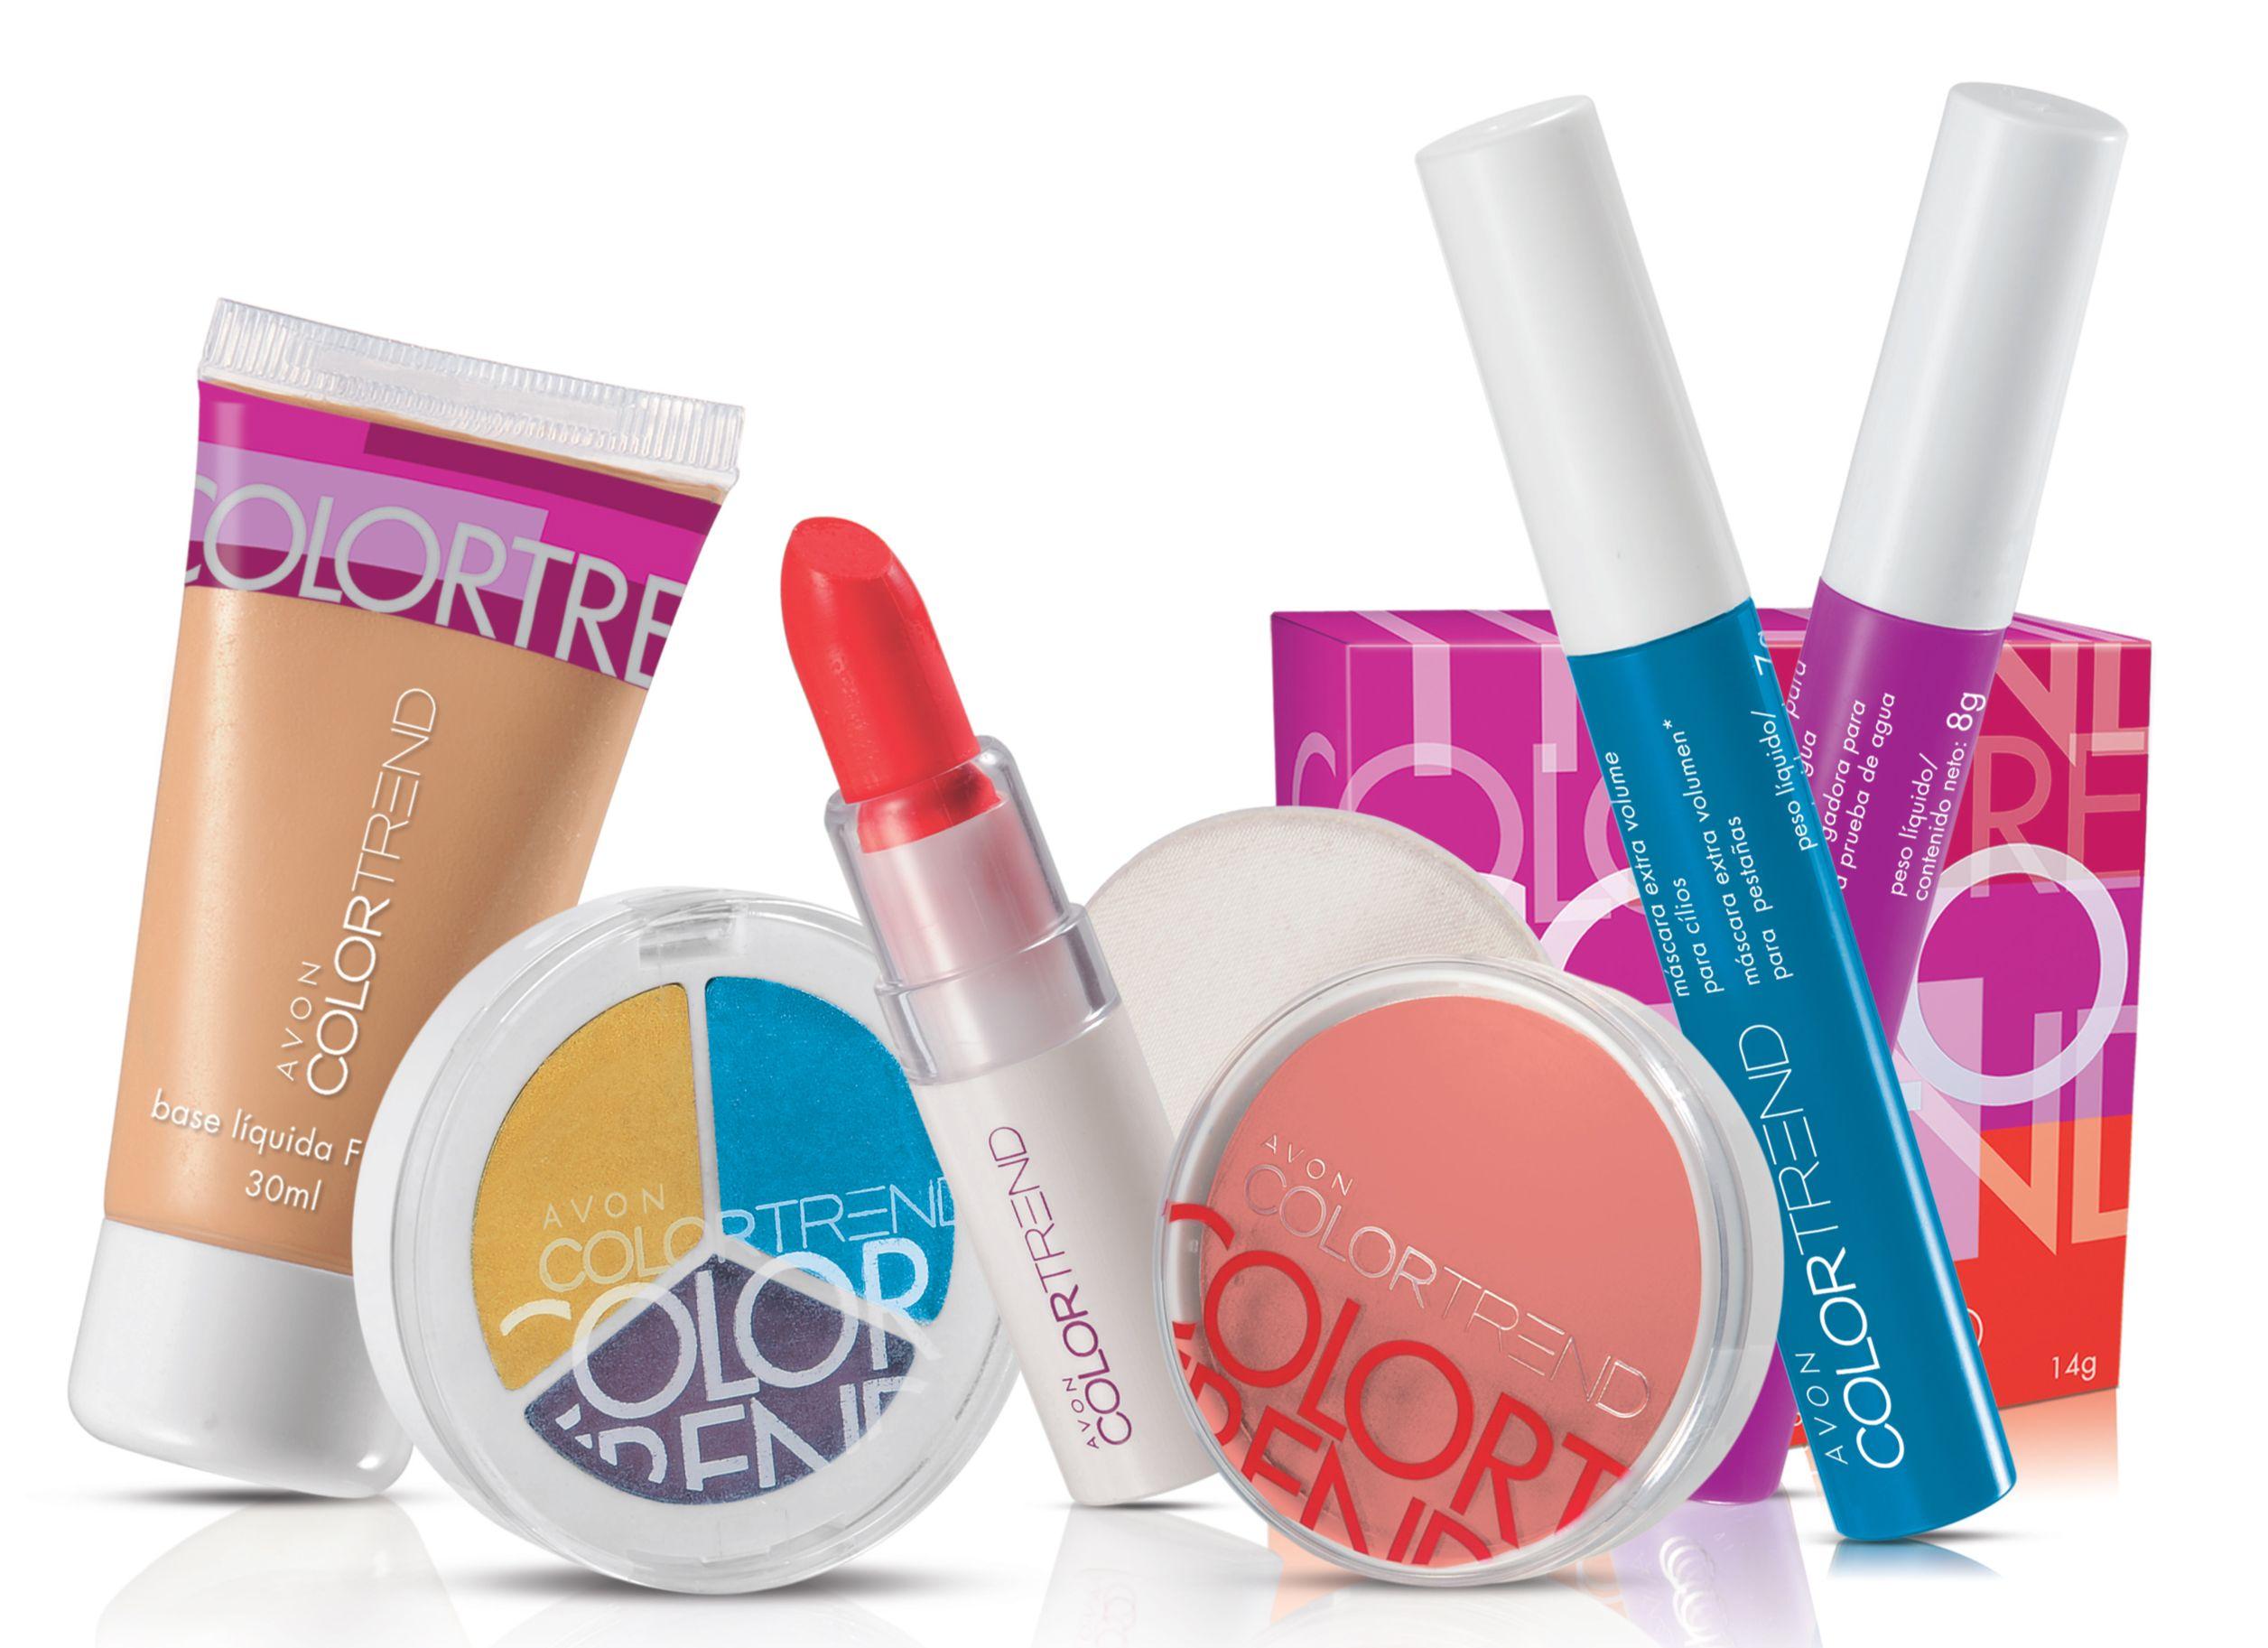 Avon makeup color trend купить профессиональную косметику для тела саратов